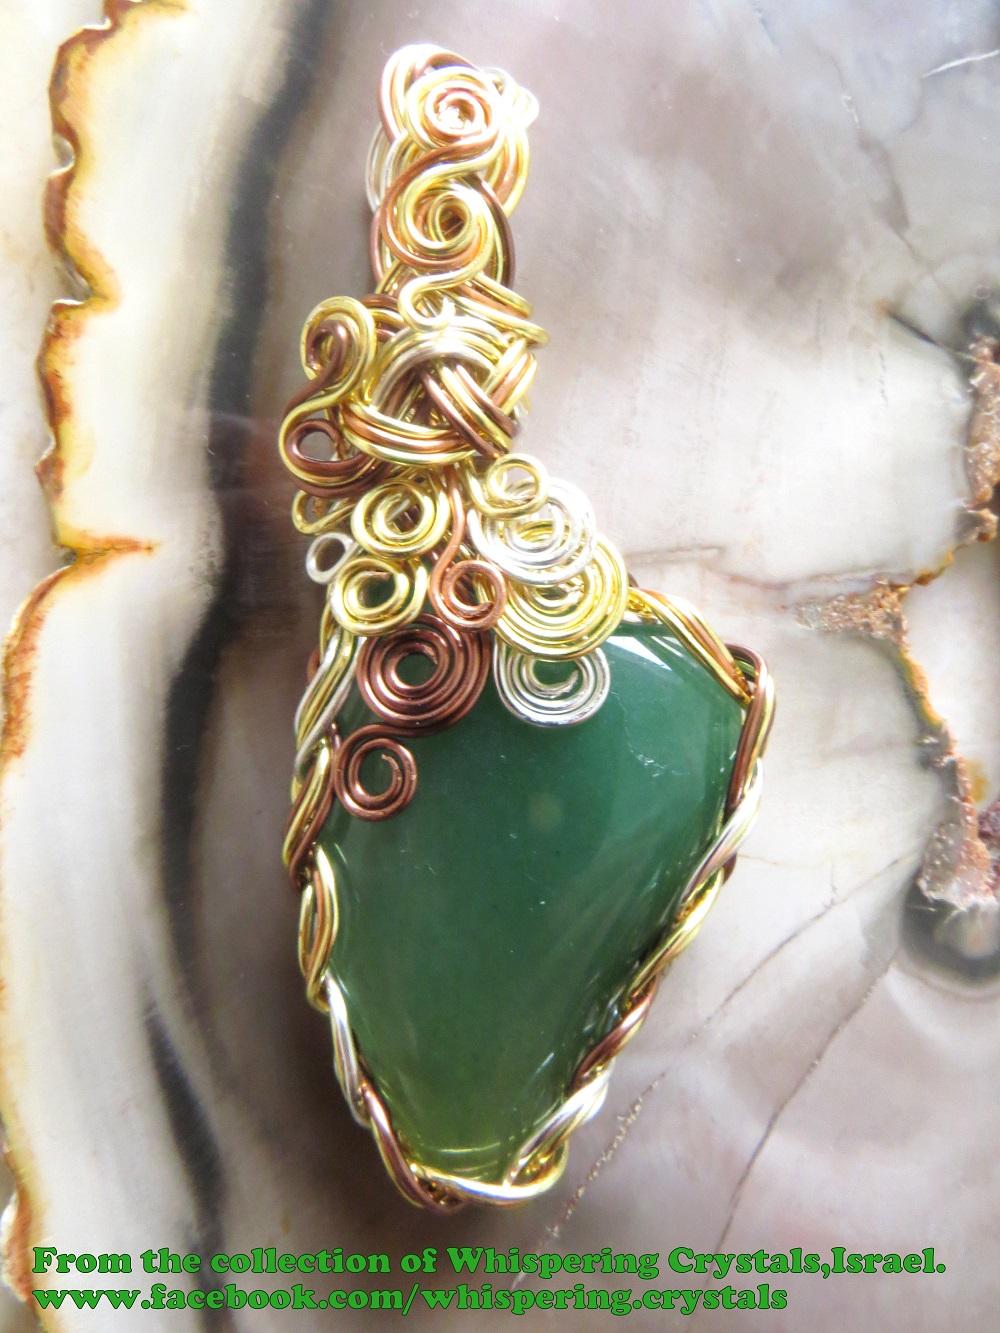 אוונטורין משובצת בנחושת. מהאוסף של 'וויספרינג קריסטלס' www.facebook.com/whispering.crystals